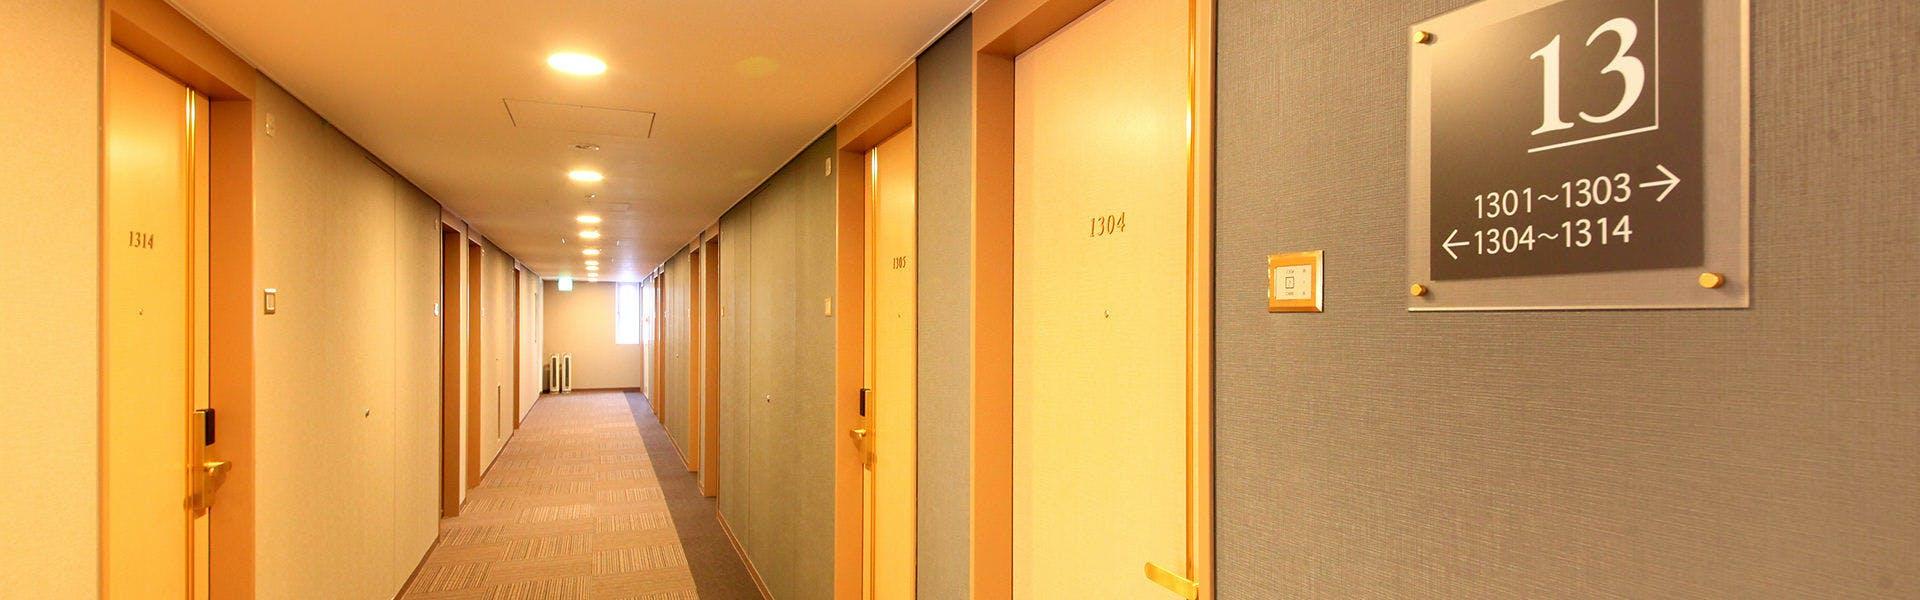 札幌のホテル・旅館 宿泊予約 【楽天トラベル】